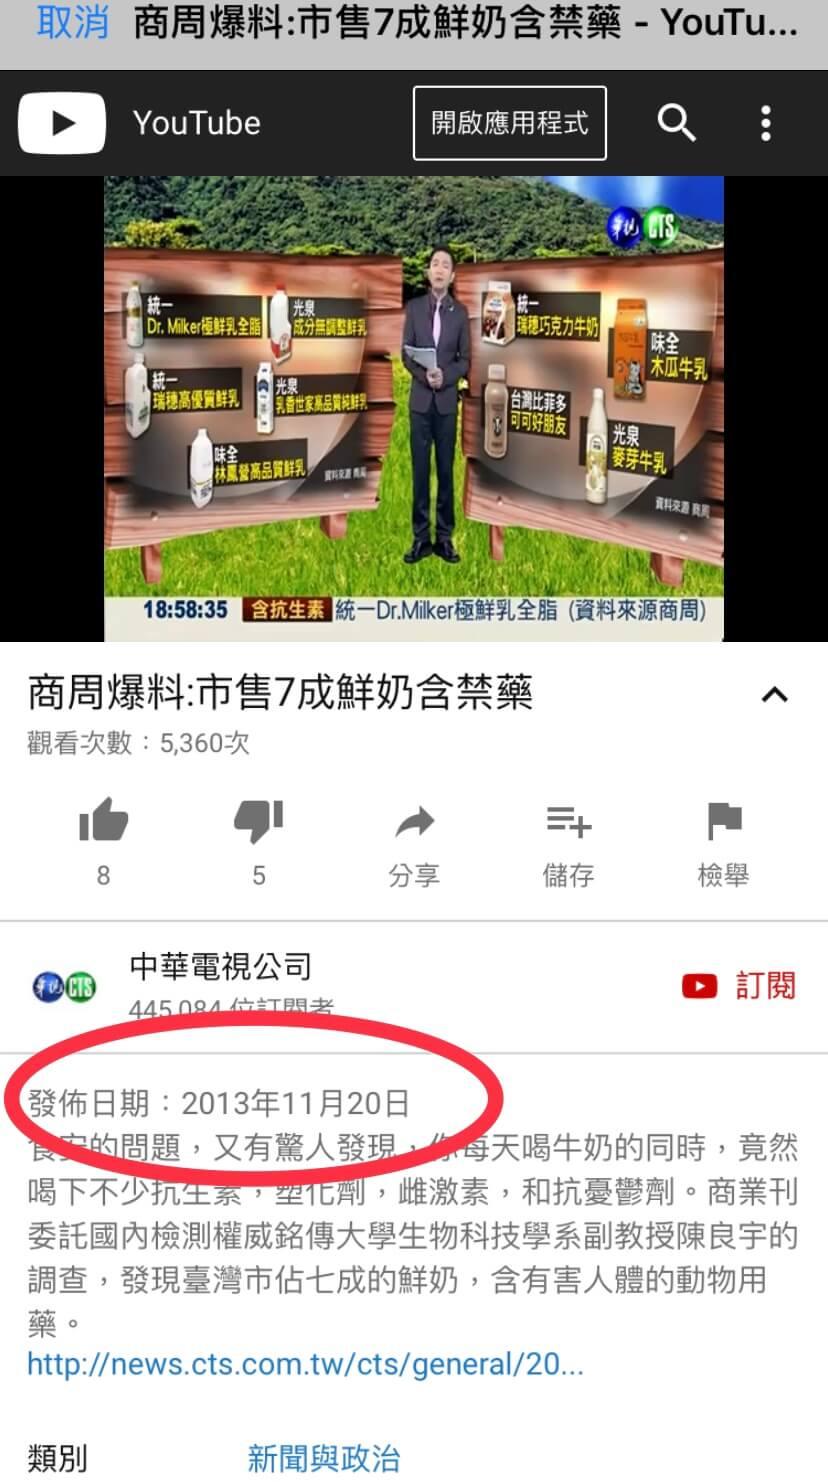 網路流傳的影片是中華電視公司在2013年11月20日上傳的新聞畫面。